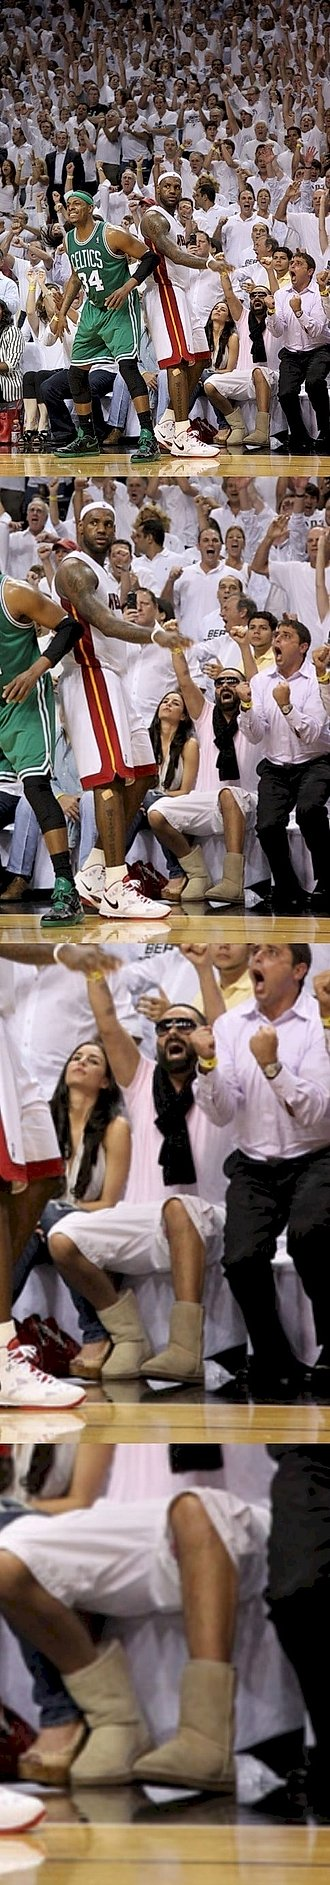 Juego de Basket